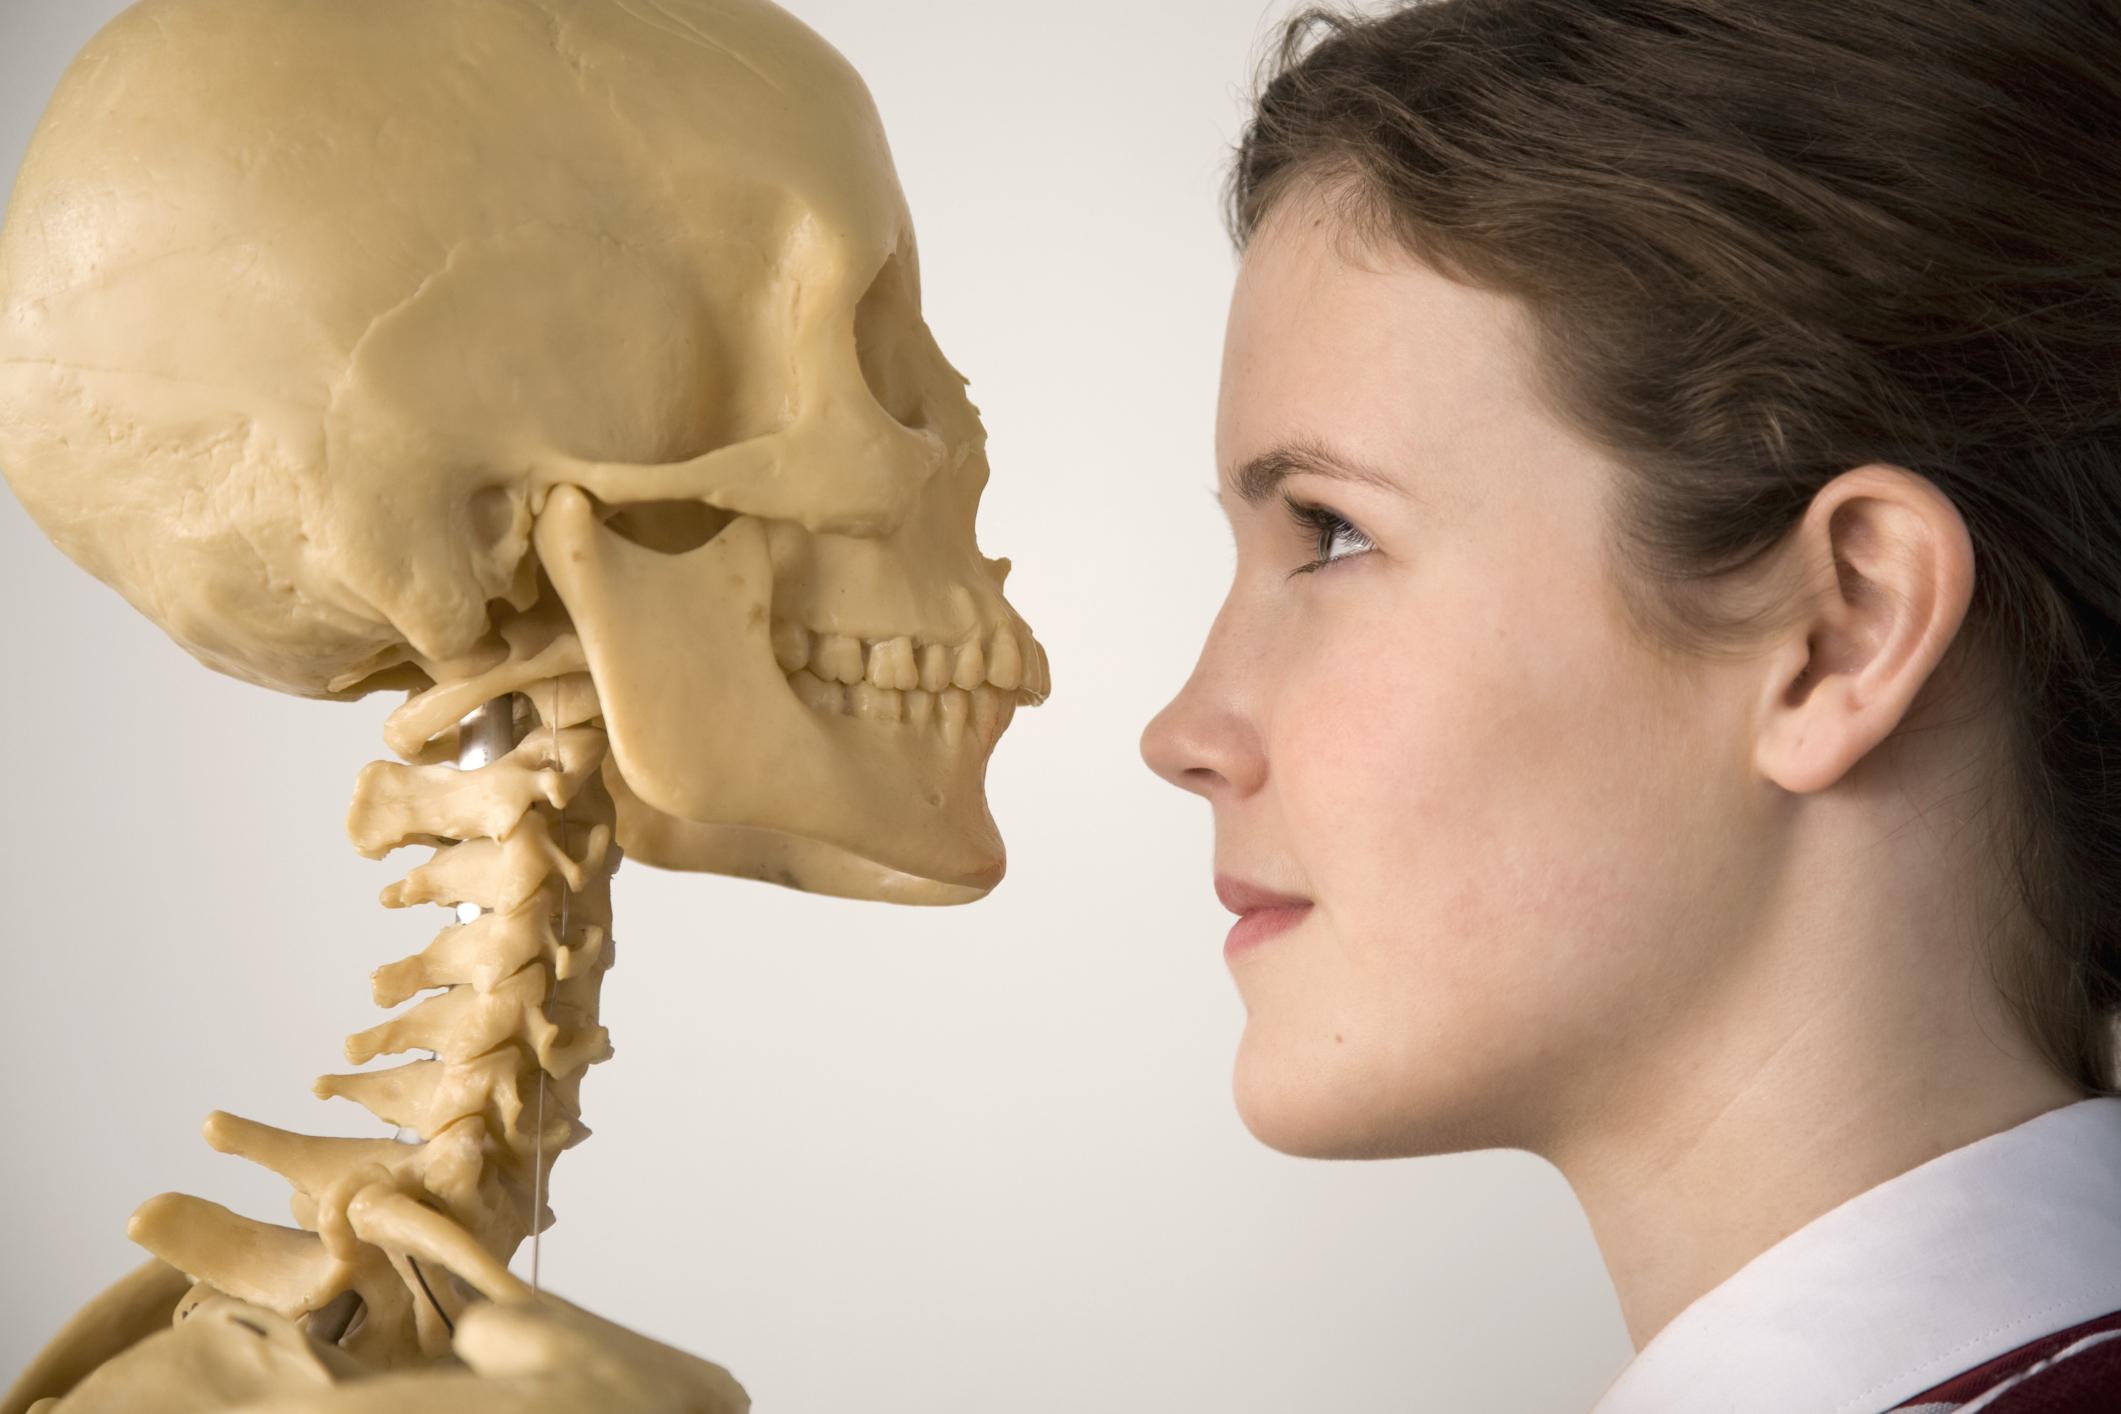 Lección de ciencias para tercer grado: los huesos del cuerpo humano |